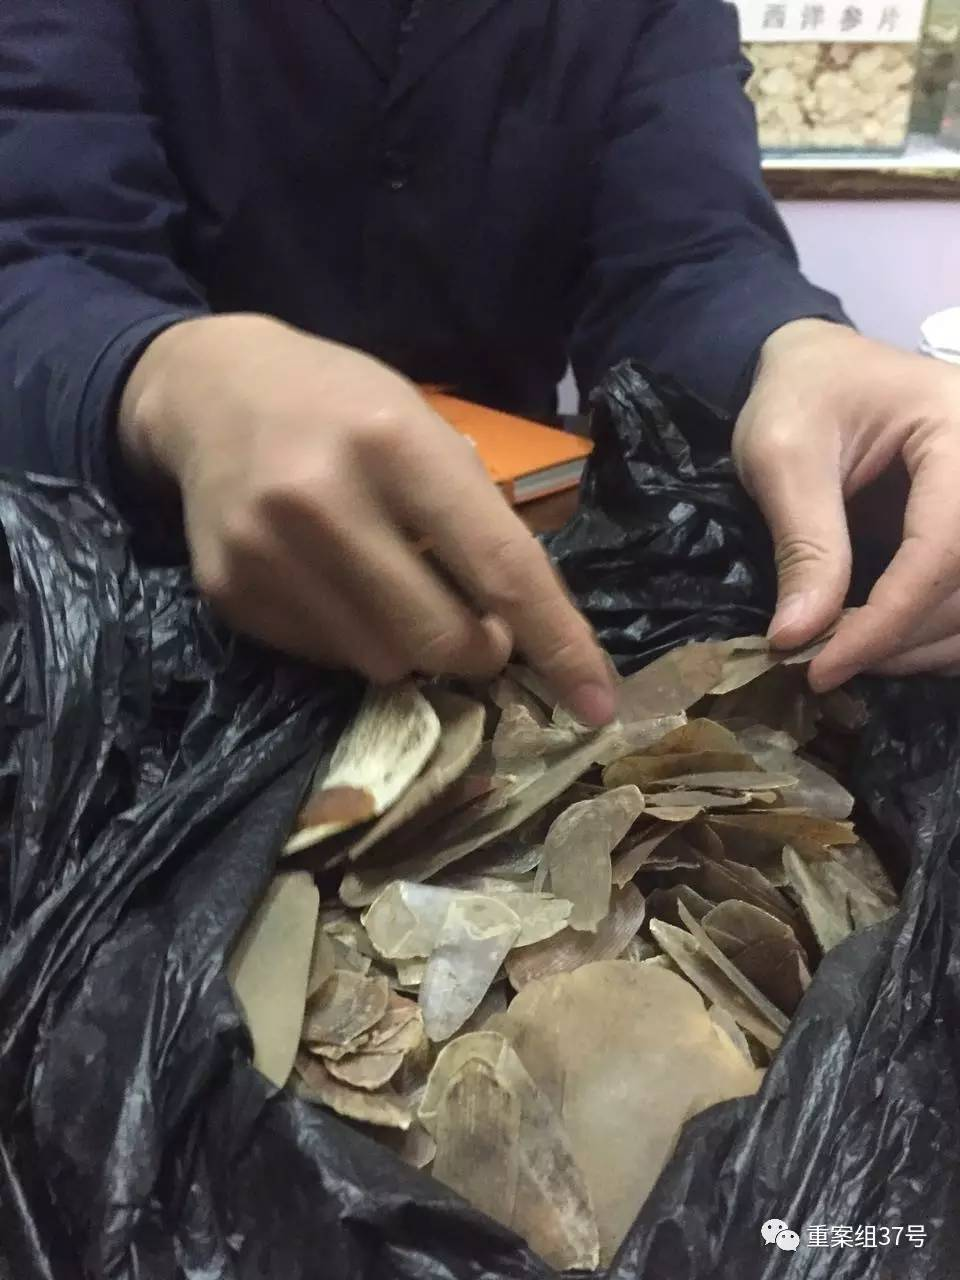 菊花园中药材交易市场,一名店铺员工从办公桌底拿出穿山甲鳞片给记者看。